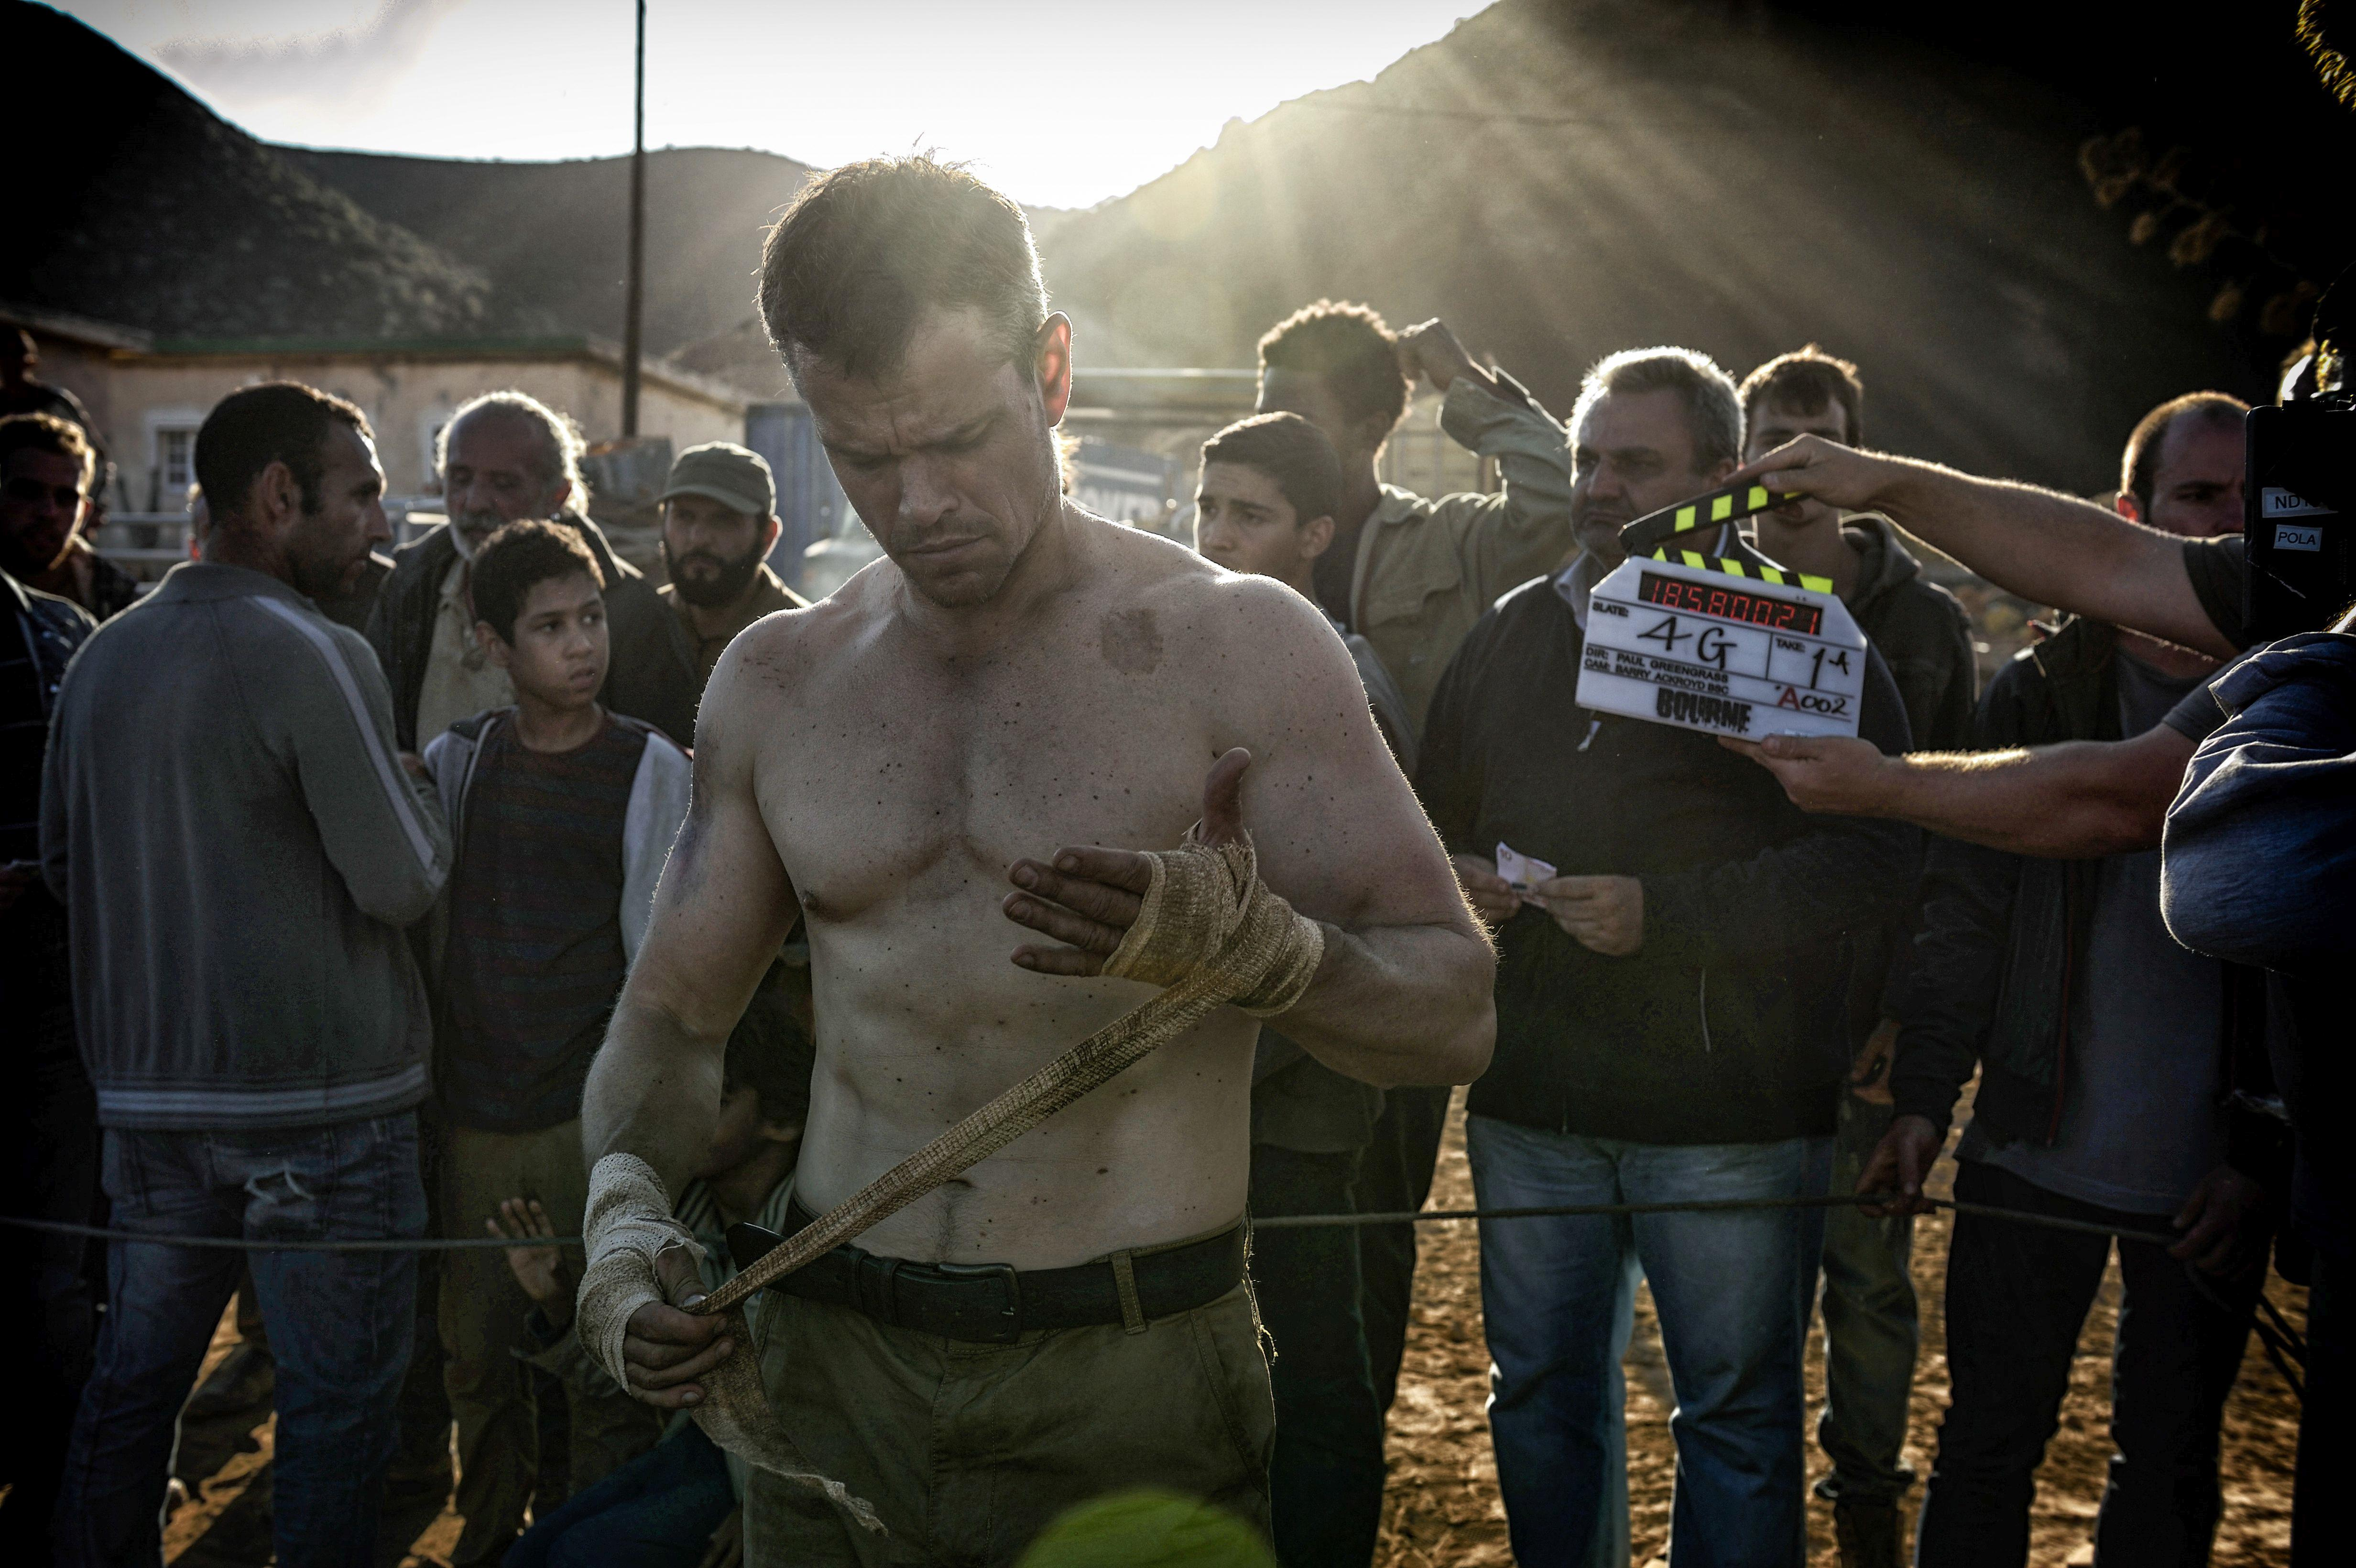 《谍影重重5》 (Untitled Bourne Film)首曝官方剧照